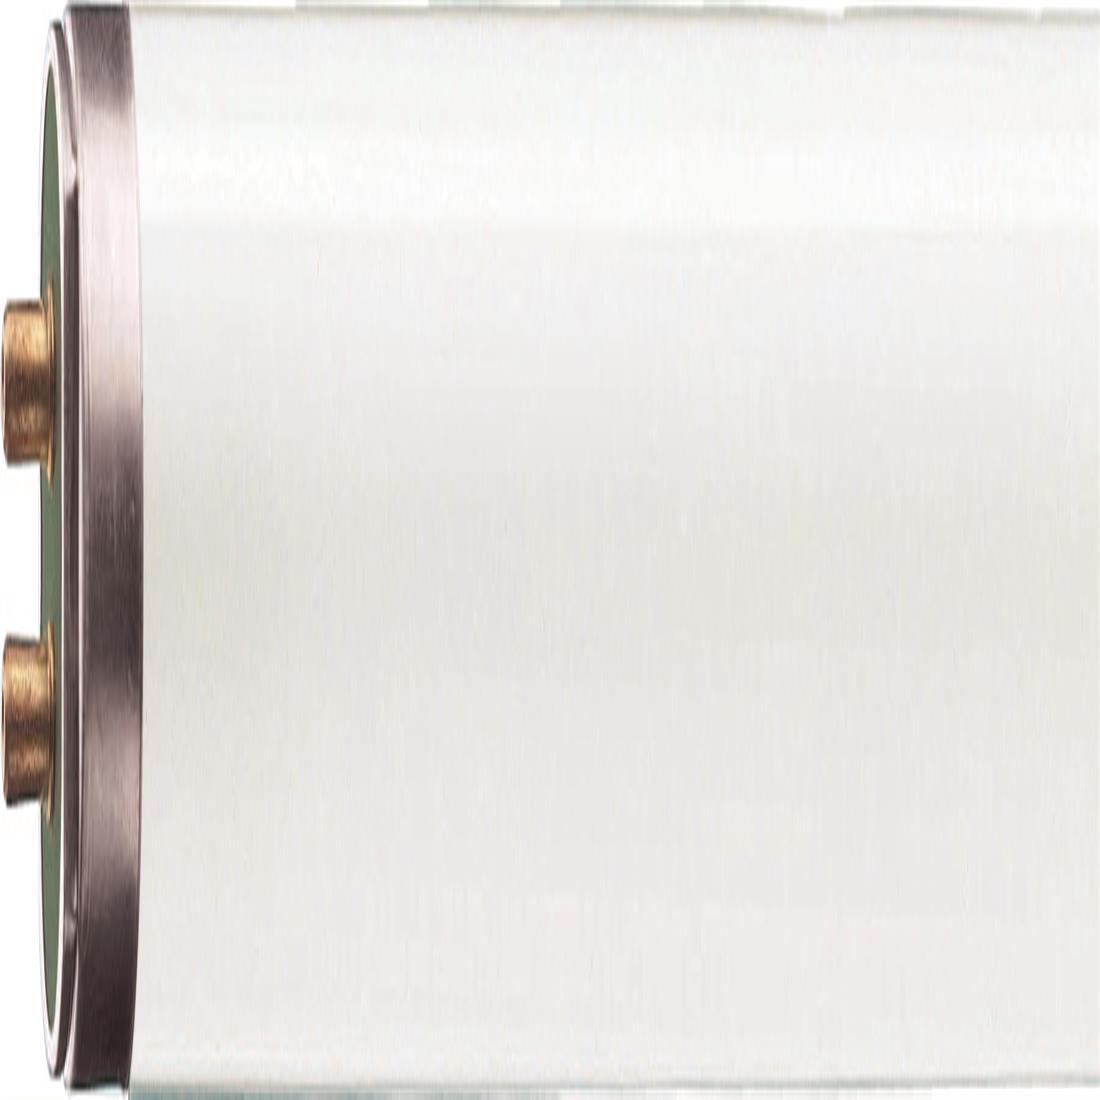 PHILIPS T5 lamp 39W 3100 lumen G5 840 per 20 stuks (63964605)